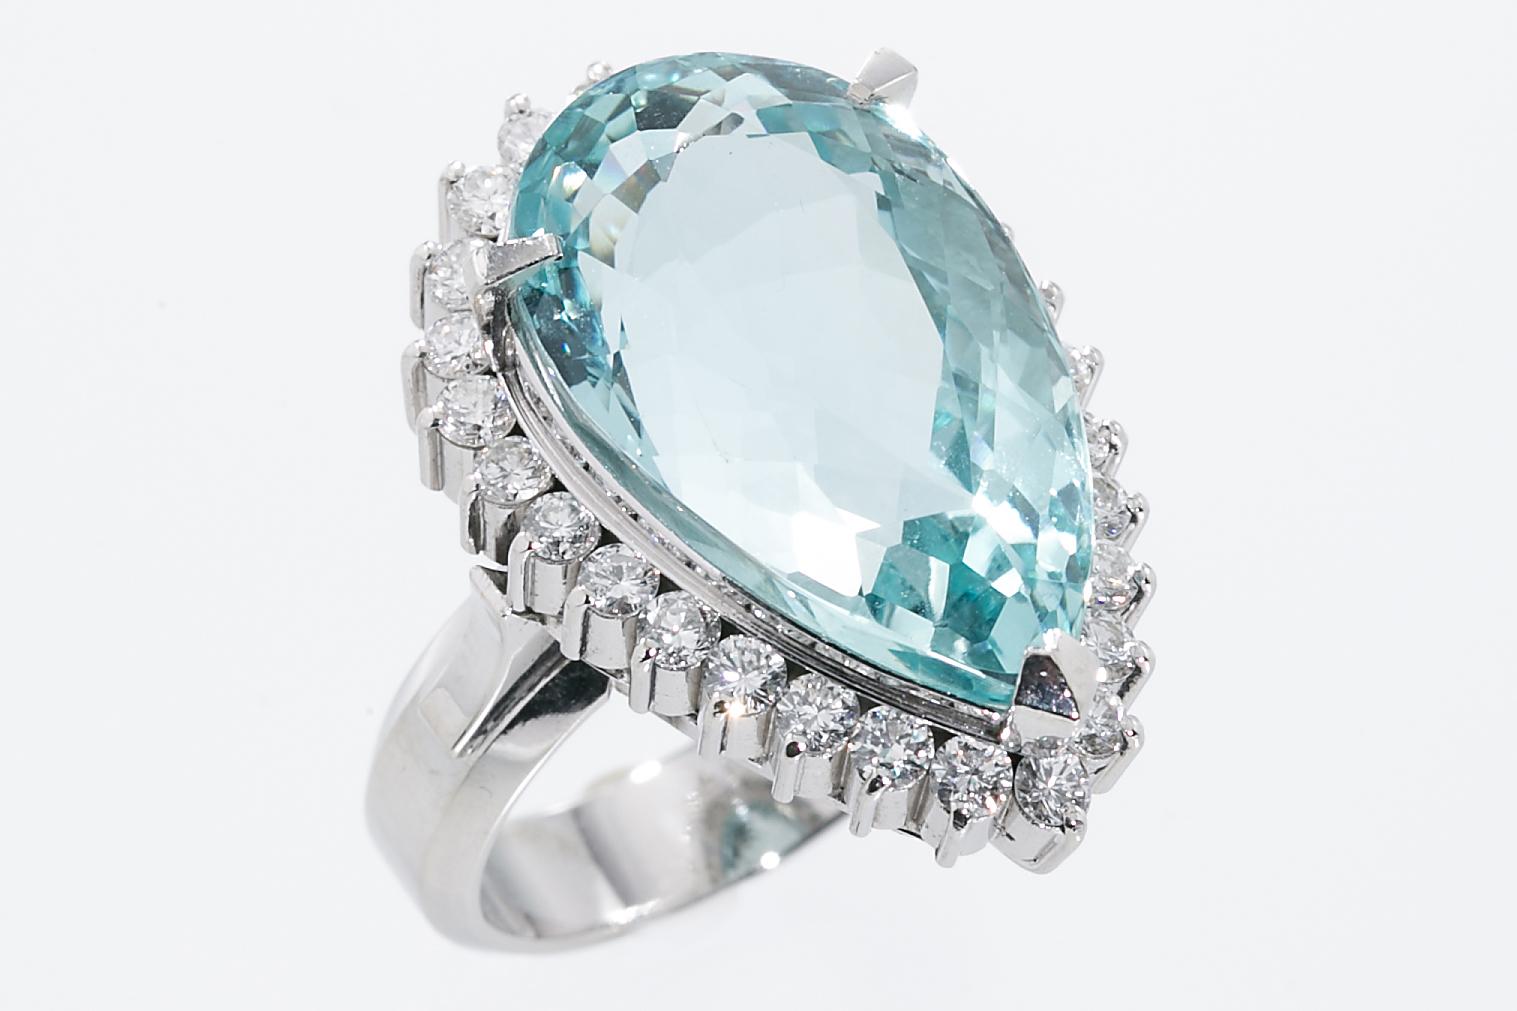 アクアマリン・ダイヤモンド リング 指輪 Pt900 アクアマリン15.97ct ダイヤトータルD1.03ct 美品 13号 サイズ調整5サイズまで無料 送料無料 【トレジャースポット】 【中古】